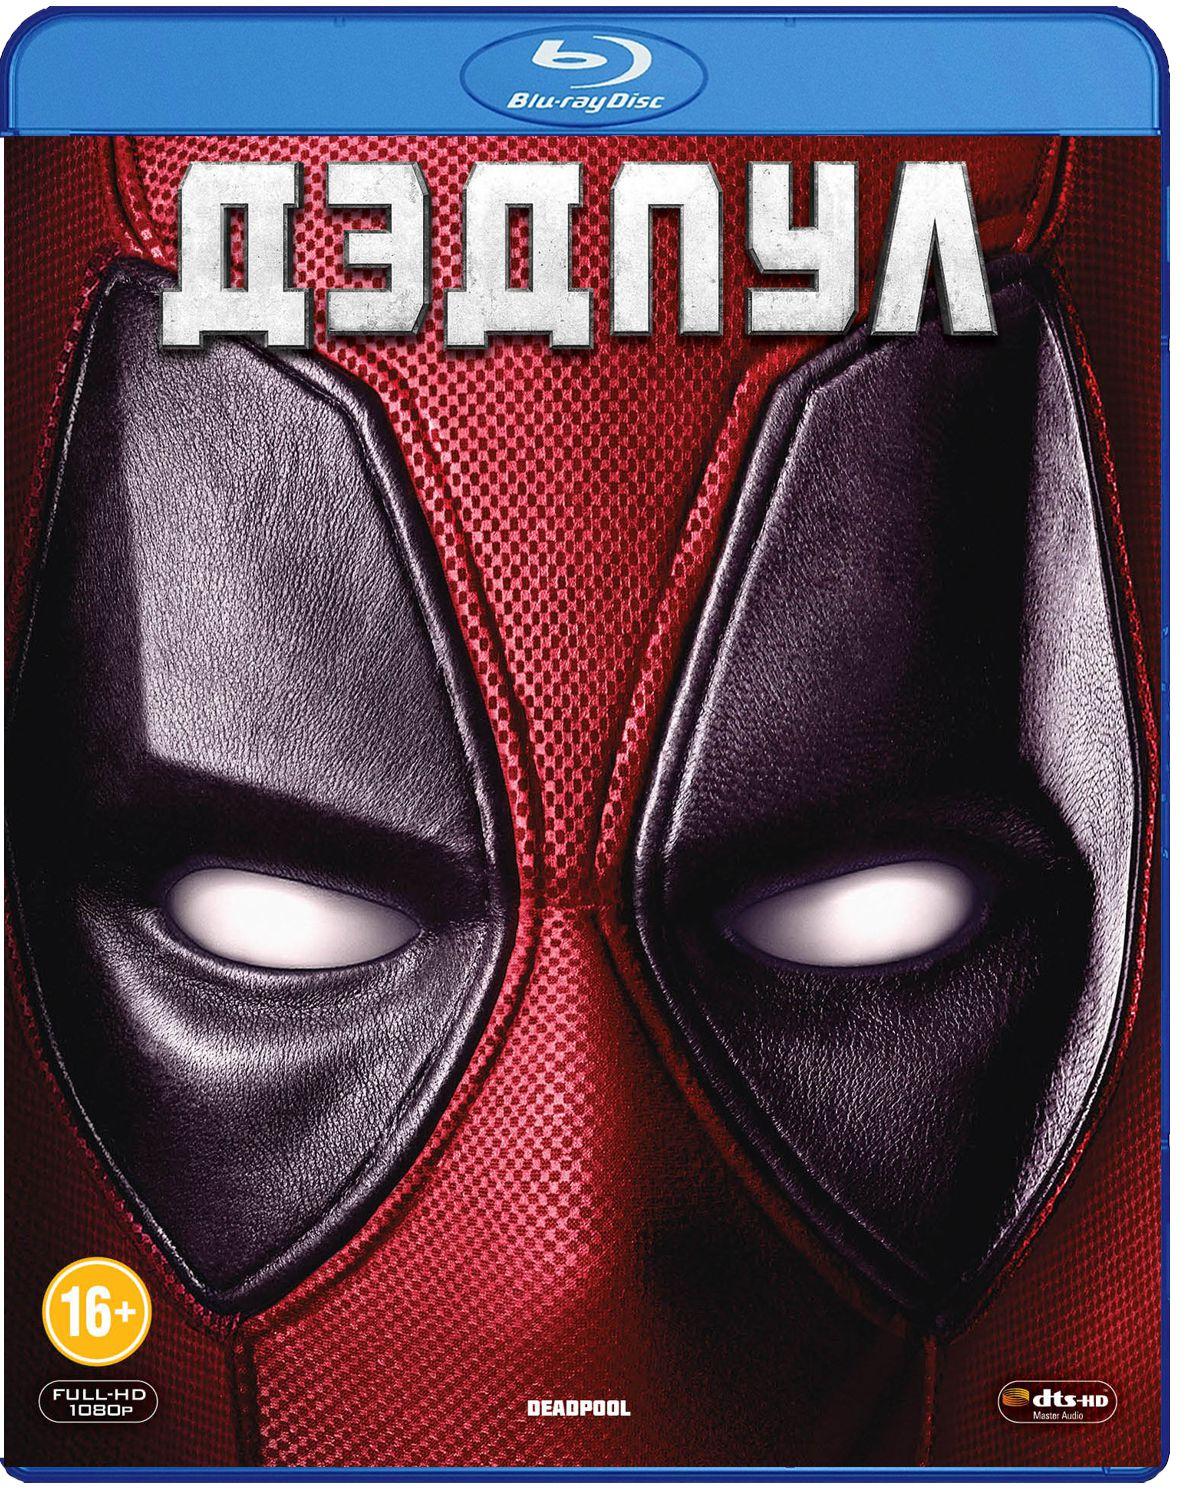 Дэдпул (Blu-ray) DeadpoolВ фильме Дэдпул Уэйд Уилсон &amp;ndash; наёмник. Будучи побочным продуктом программы вооружённых сил под названием «Оружие X», Уилсон приобрёл невероятную силу, проворство и способность к исцелению.<br>